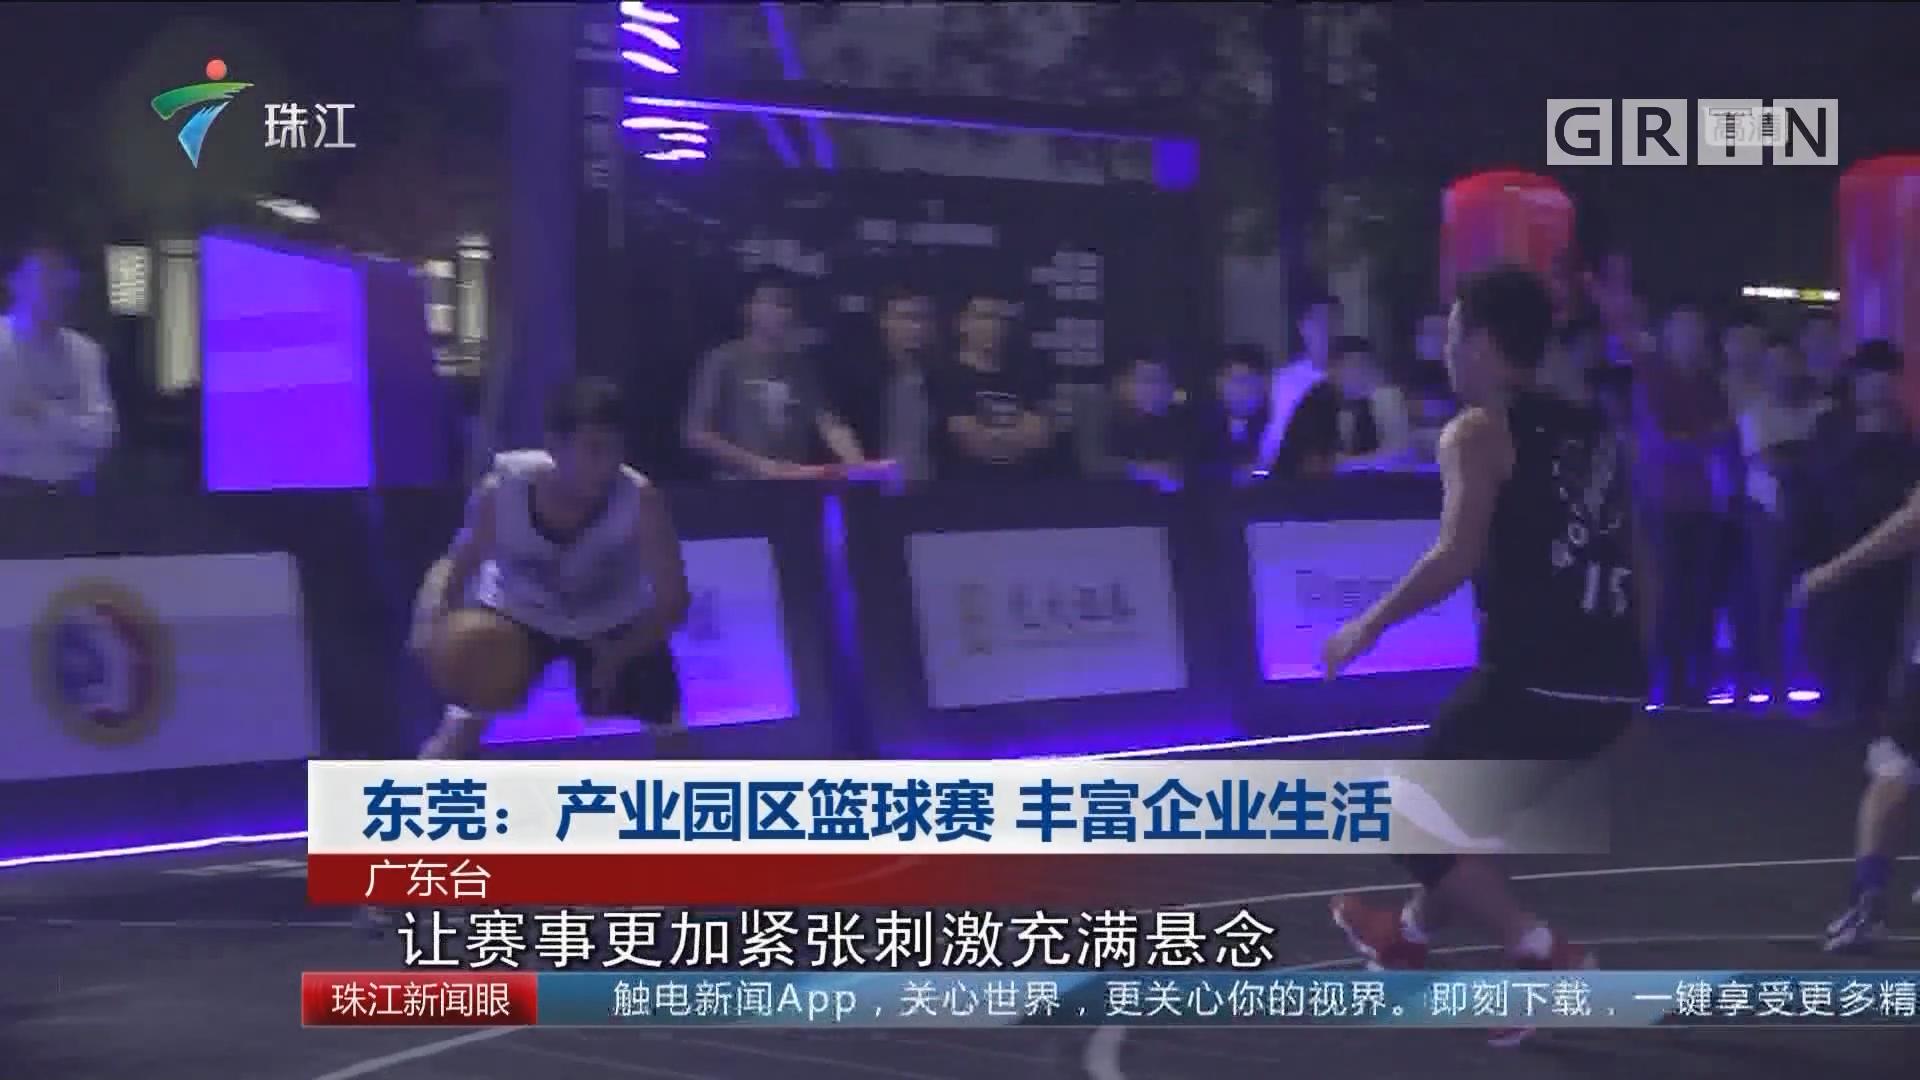 东莞:产业园区篮球赛 丰富企业生活